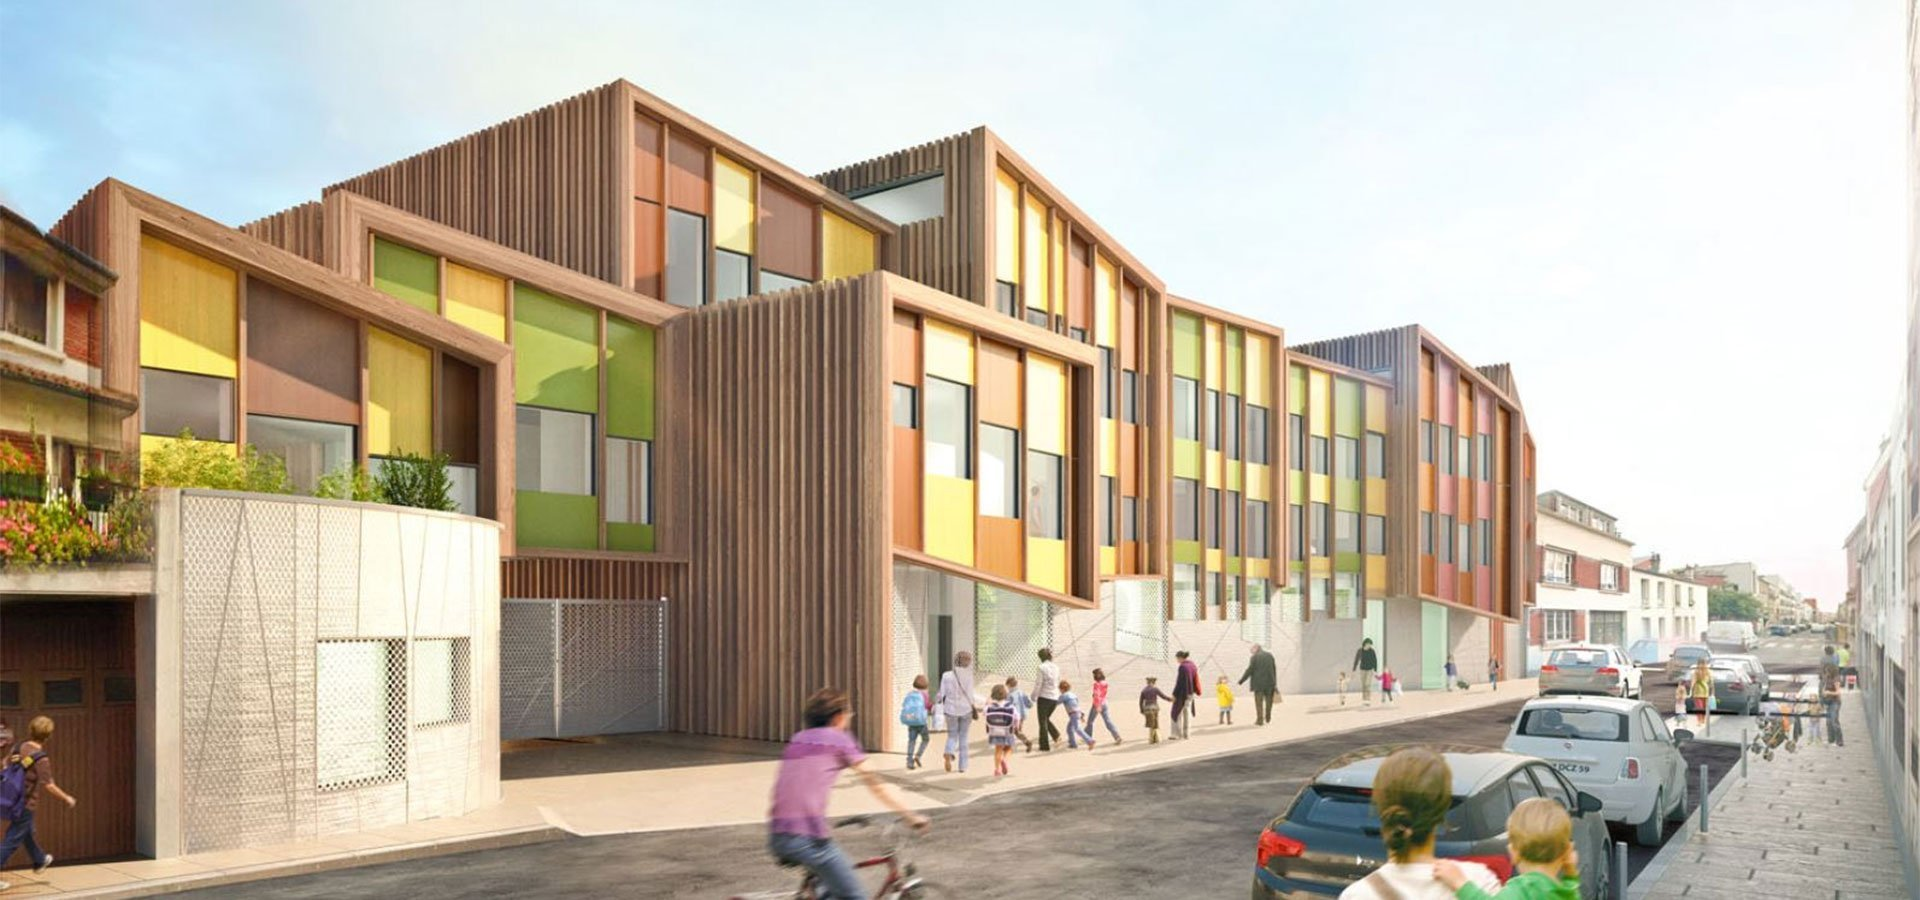 Une architecture remarquable en construction bois m tal pour un groupe scolaire montreuil 93 for Construction bois 93